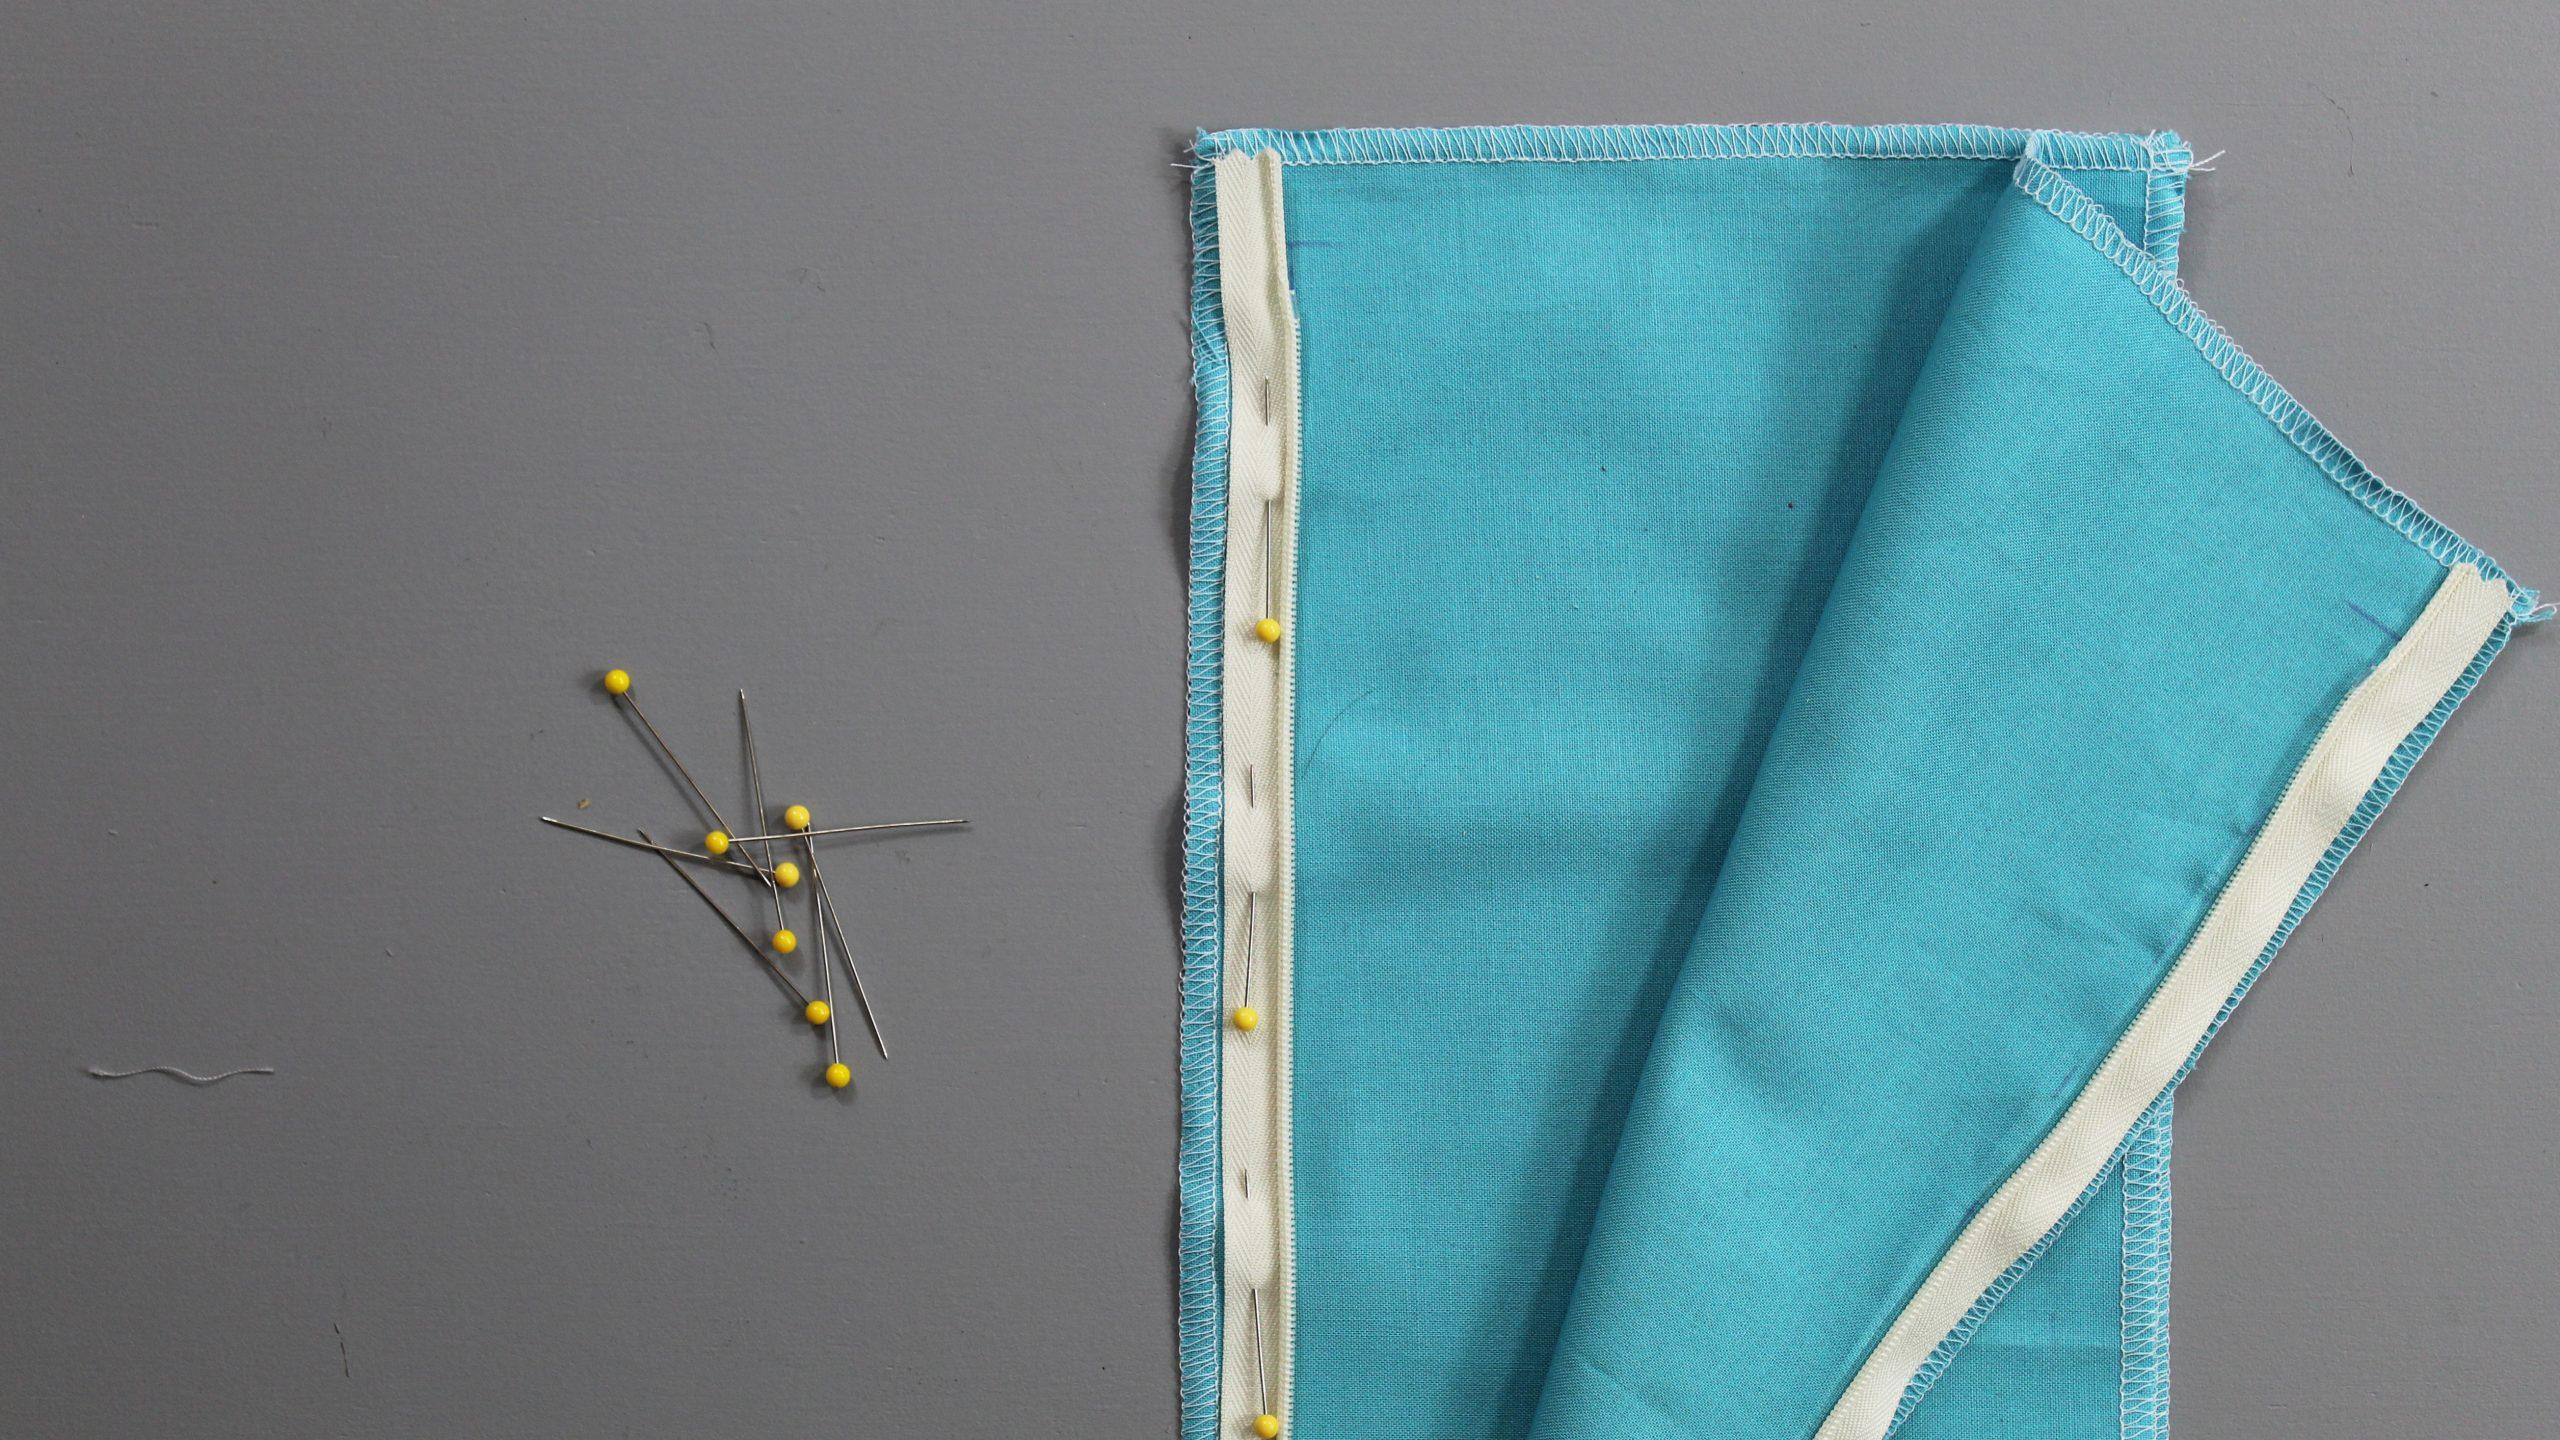 Pinned zipper